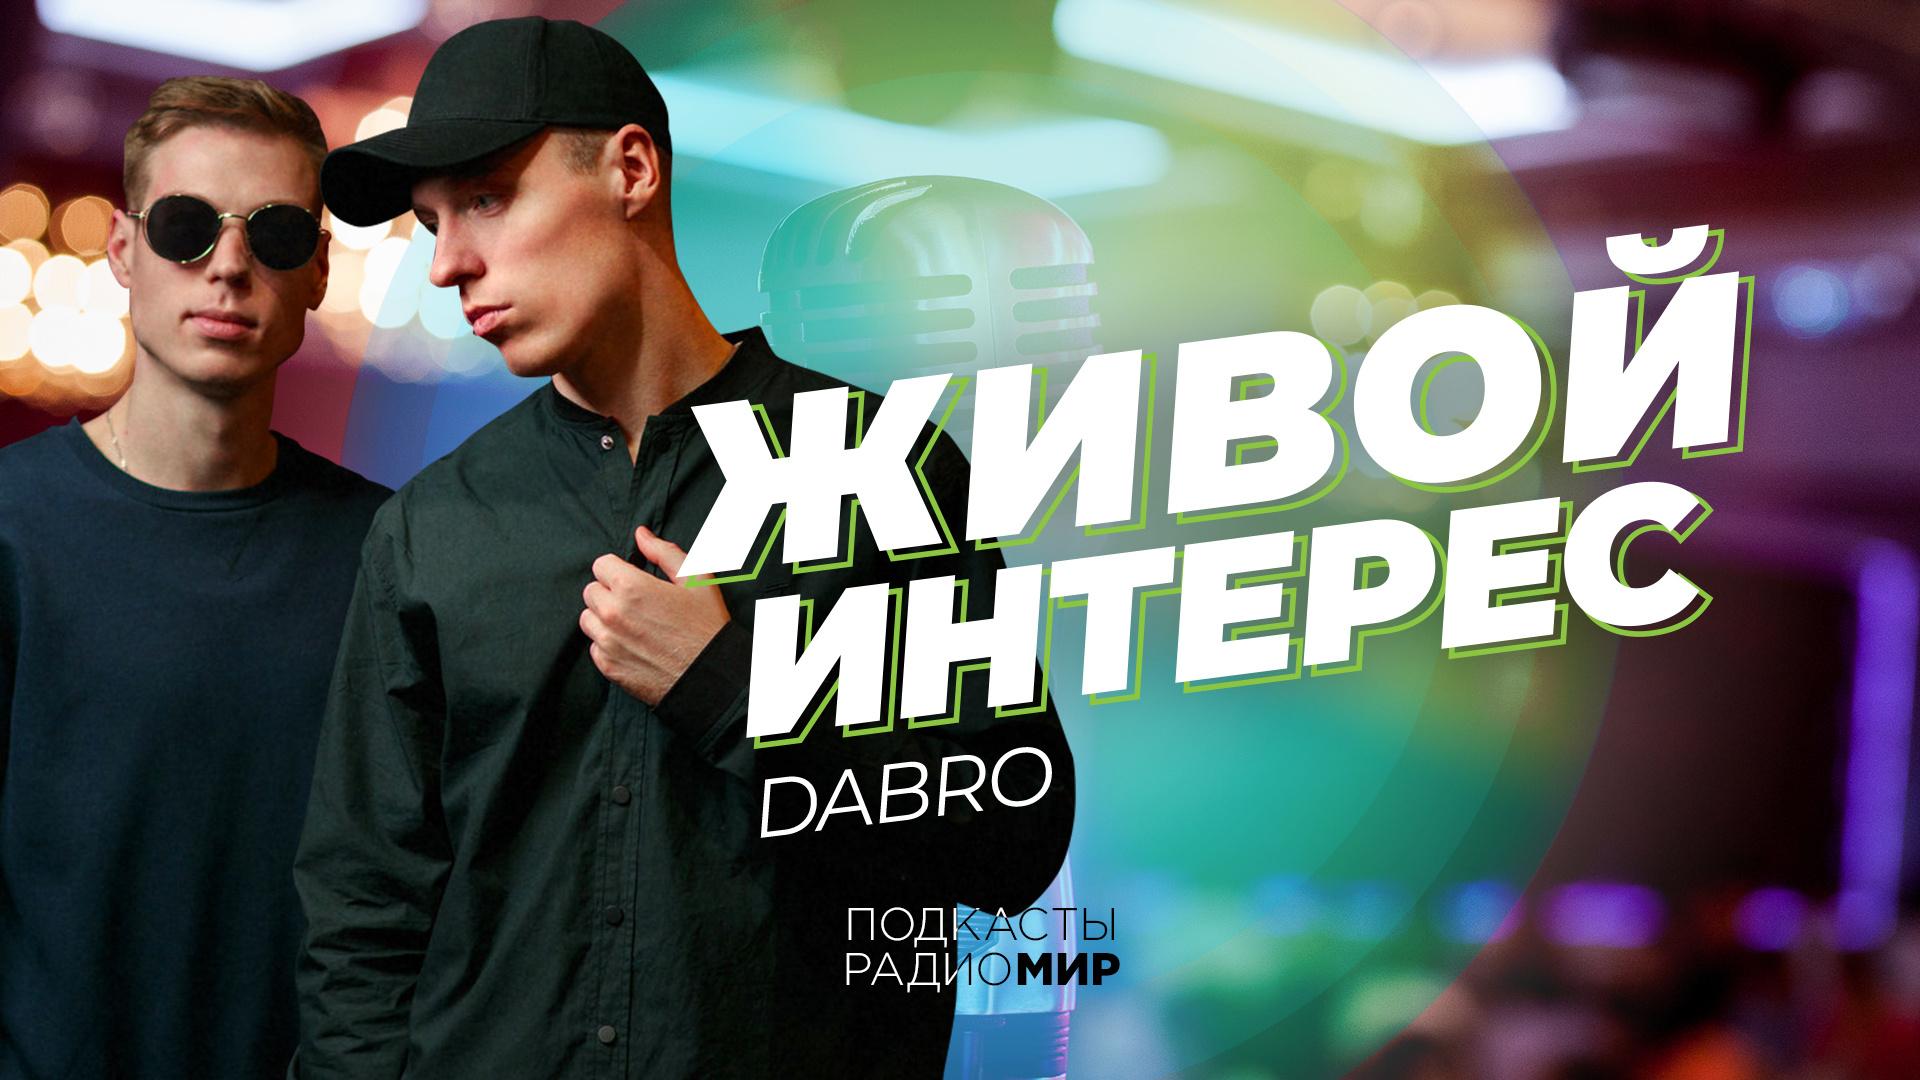 Dabro: «Пока мы нацелены на свое творчество и это наша главная цель и задача»